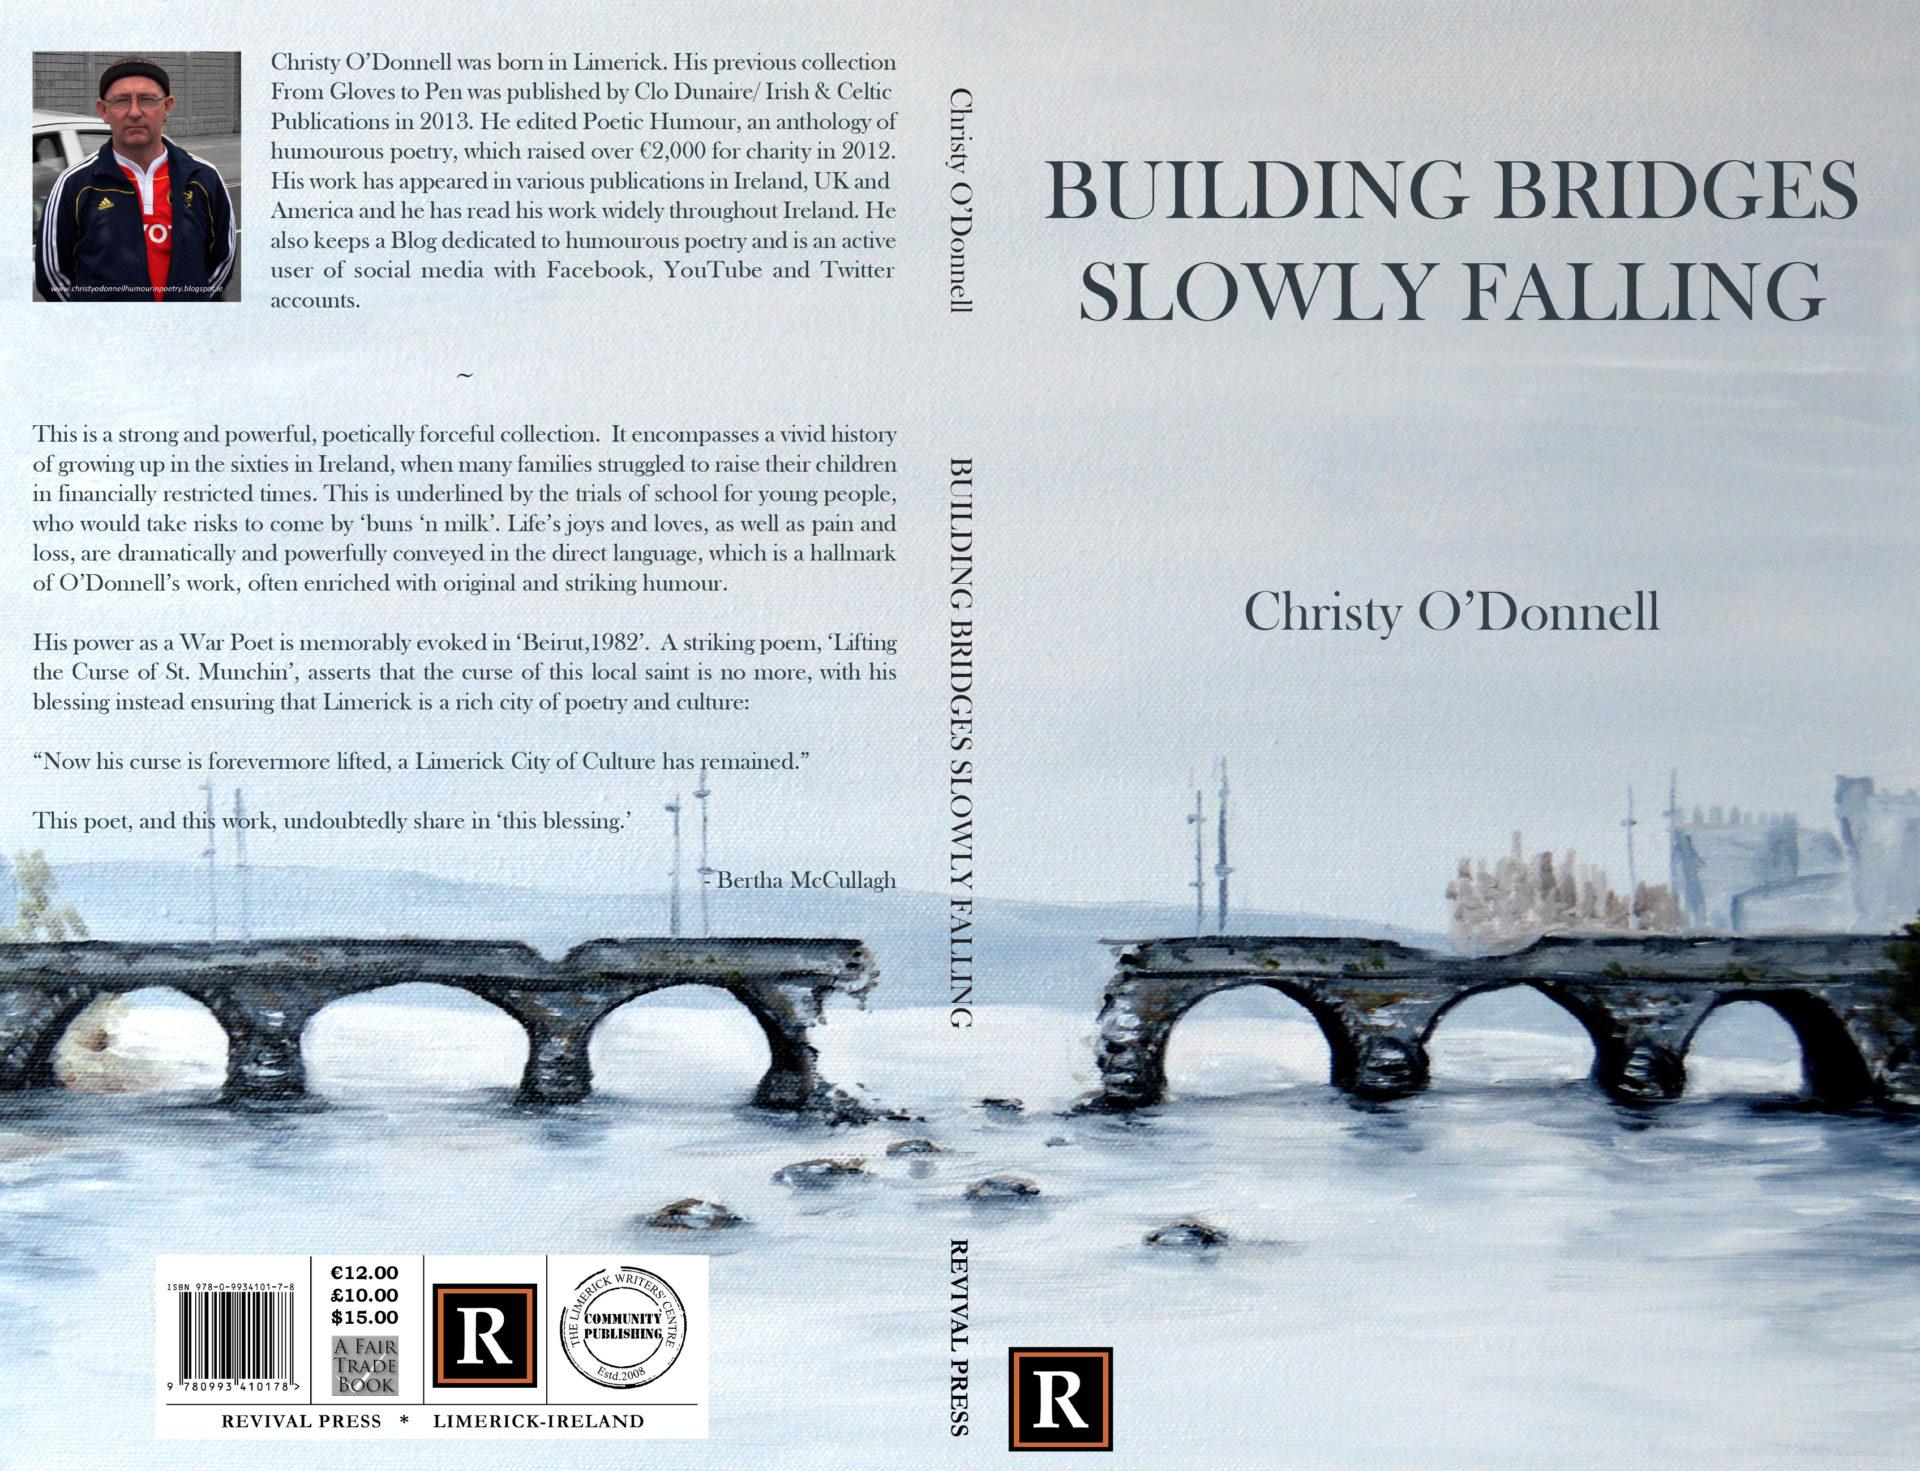 Building Bridges Slowly Falling